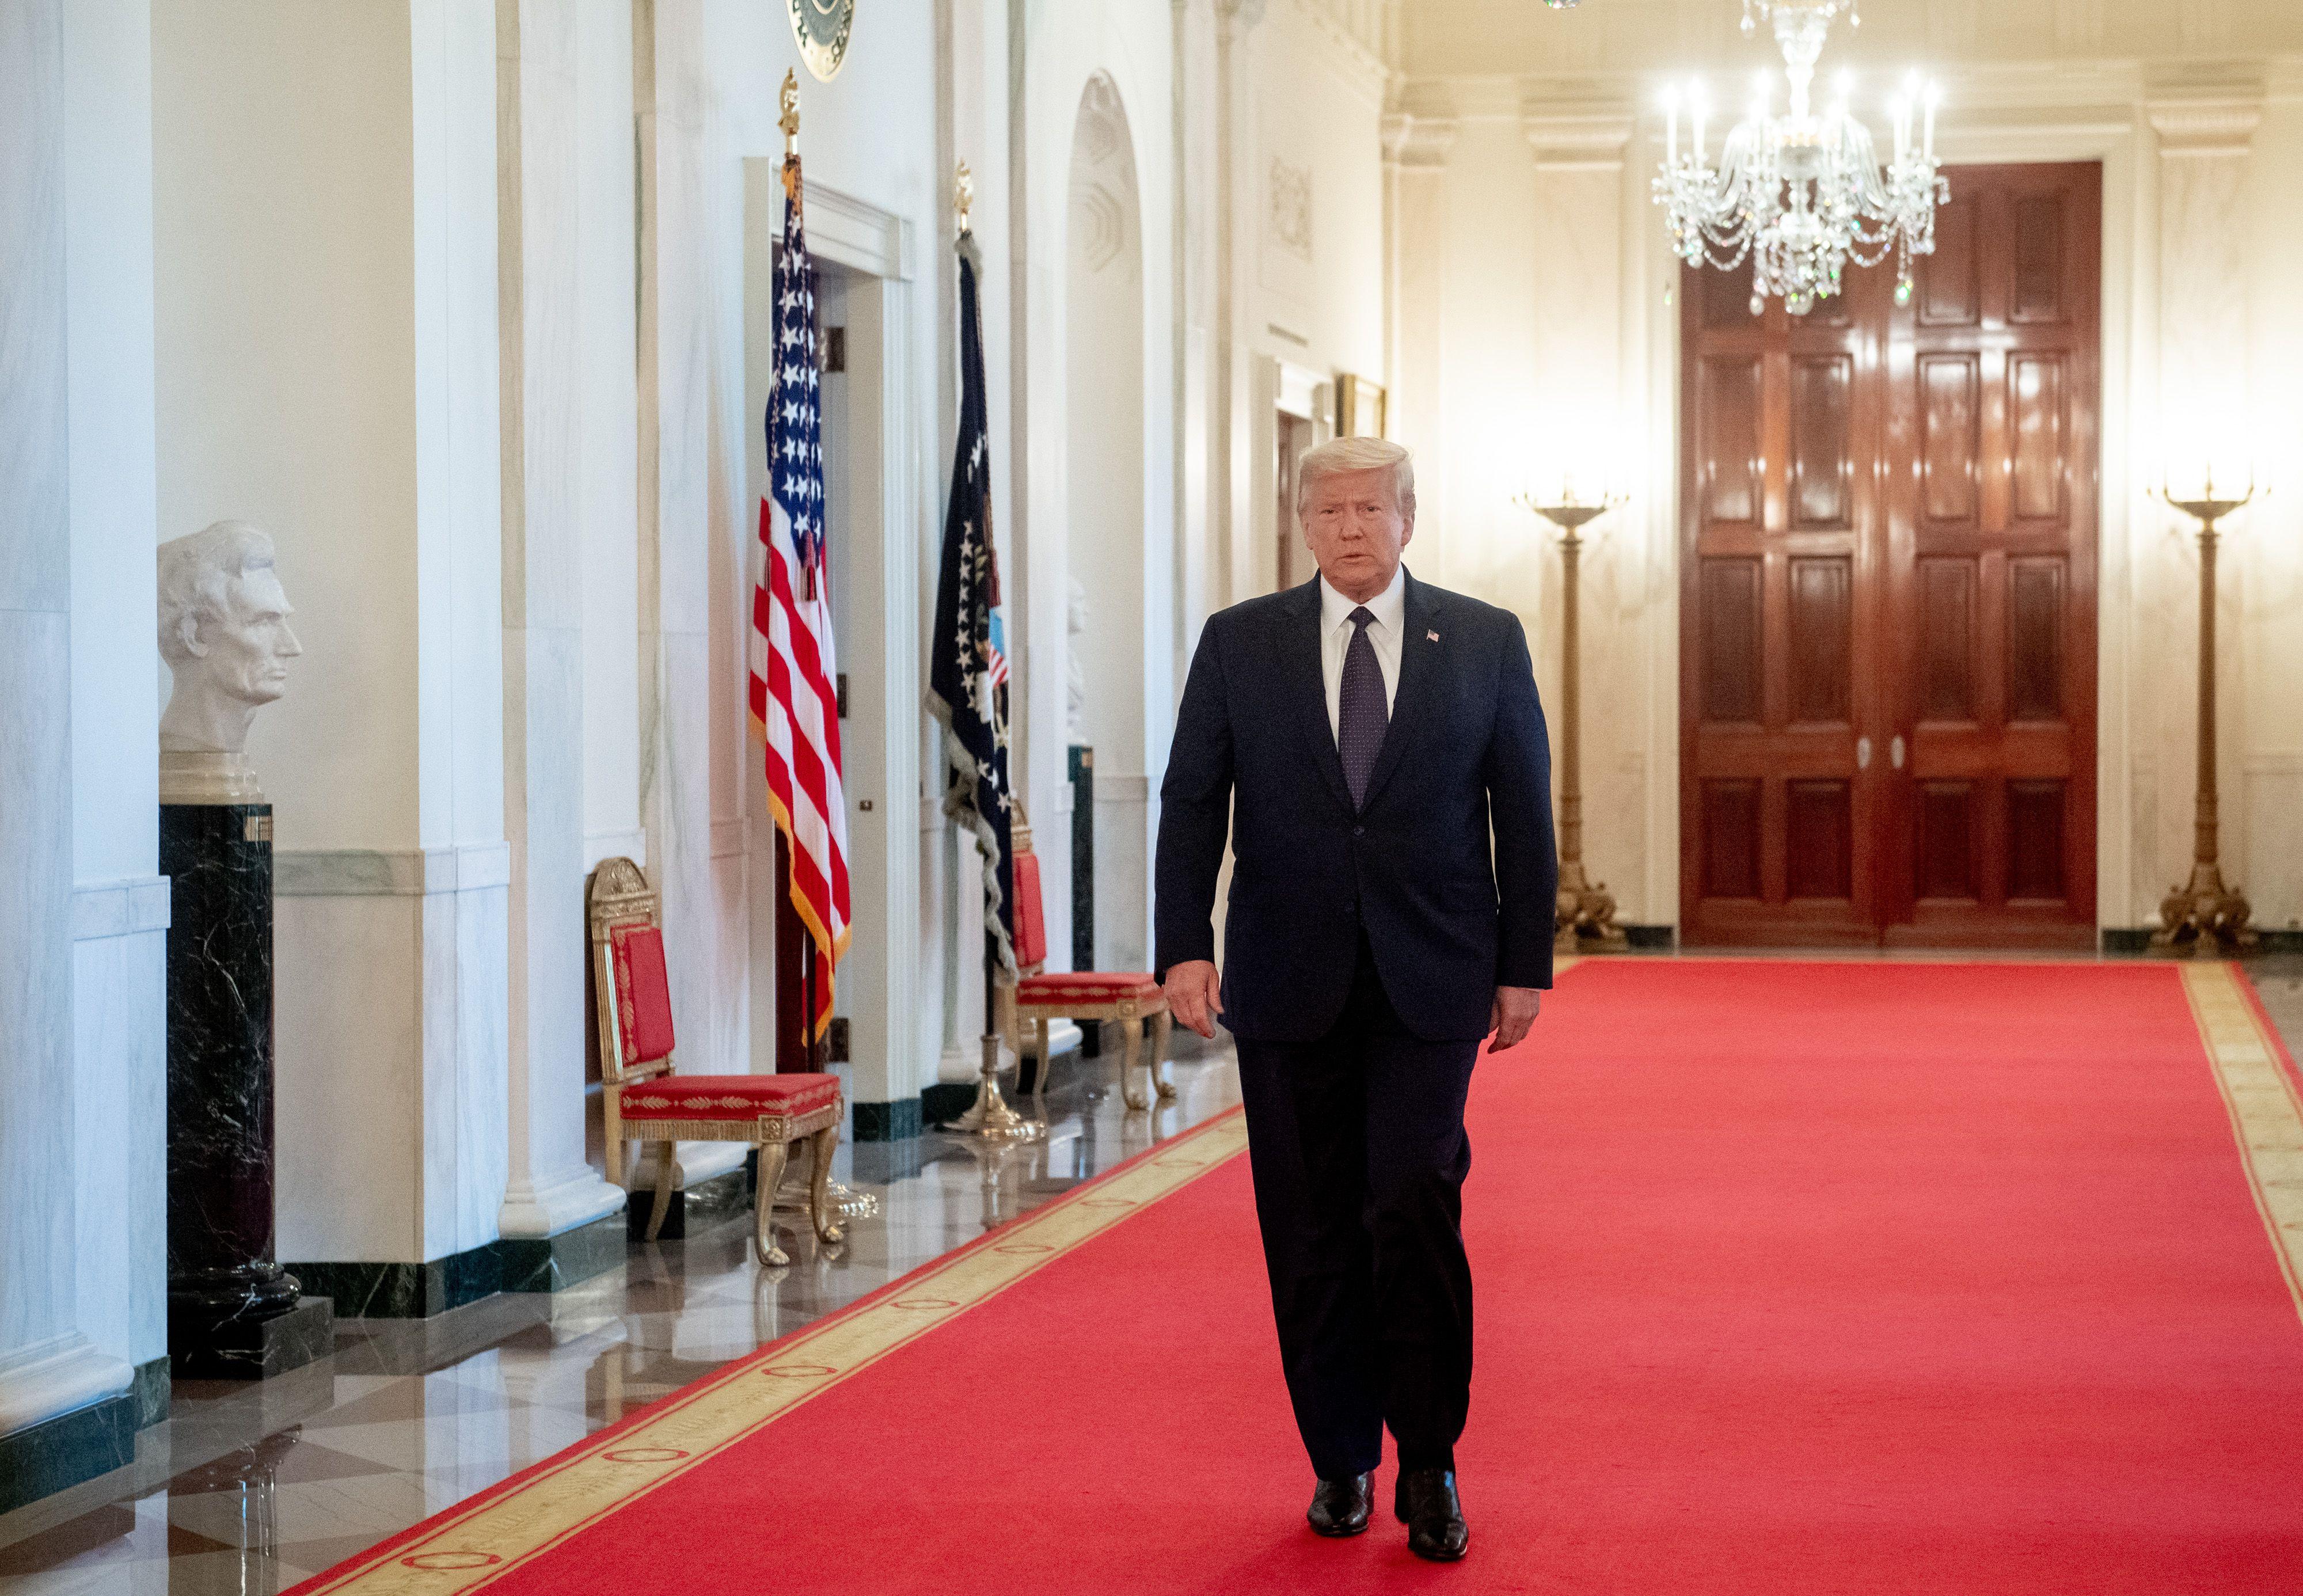 2020年6月17日,美國總統特朗普前往白宮東廳參加活動。(SAUL LOEB/AFP)